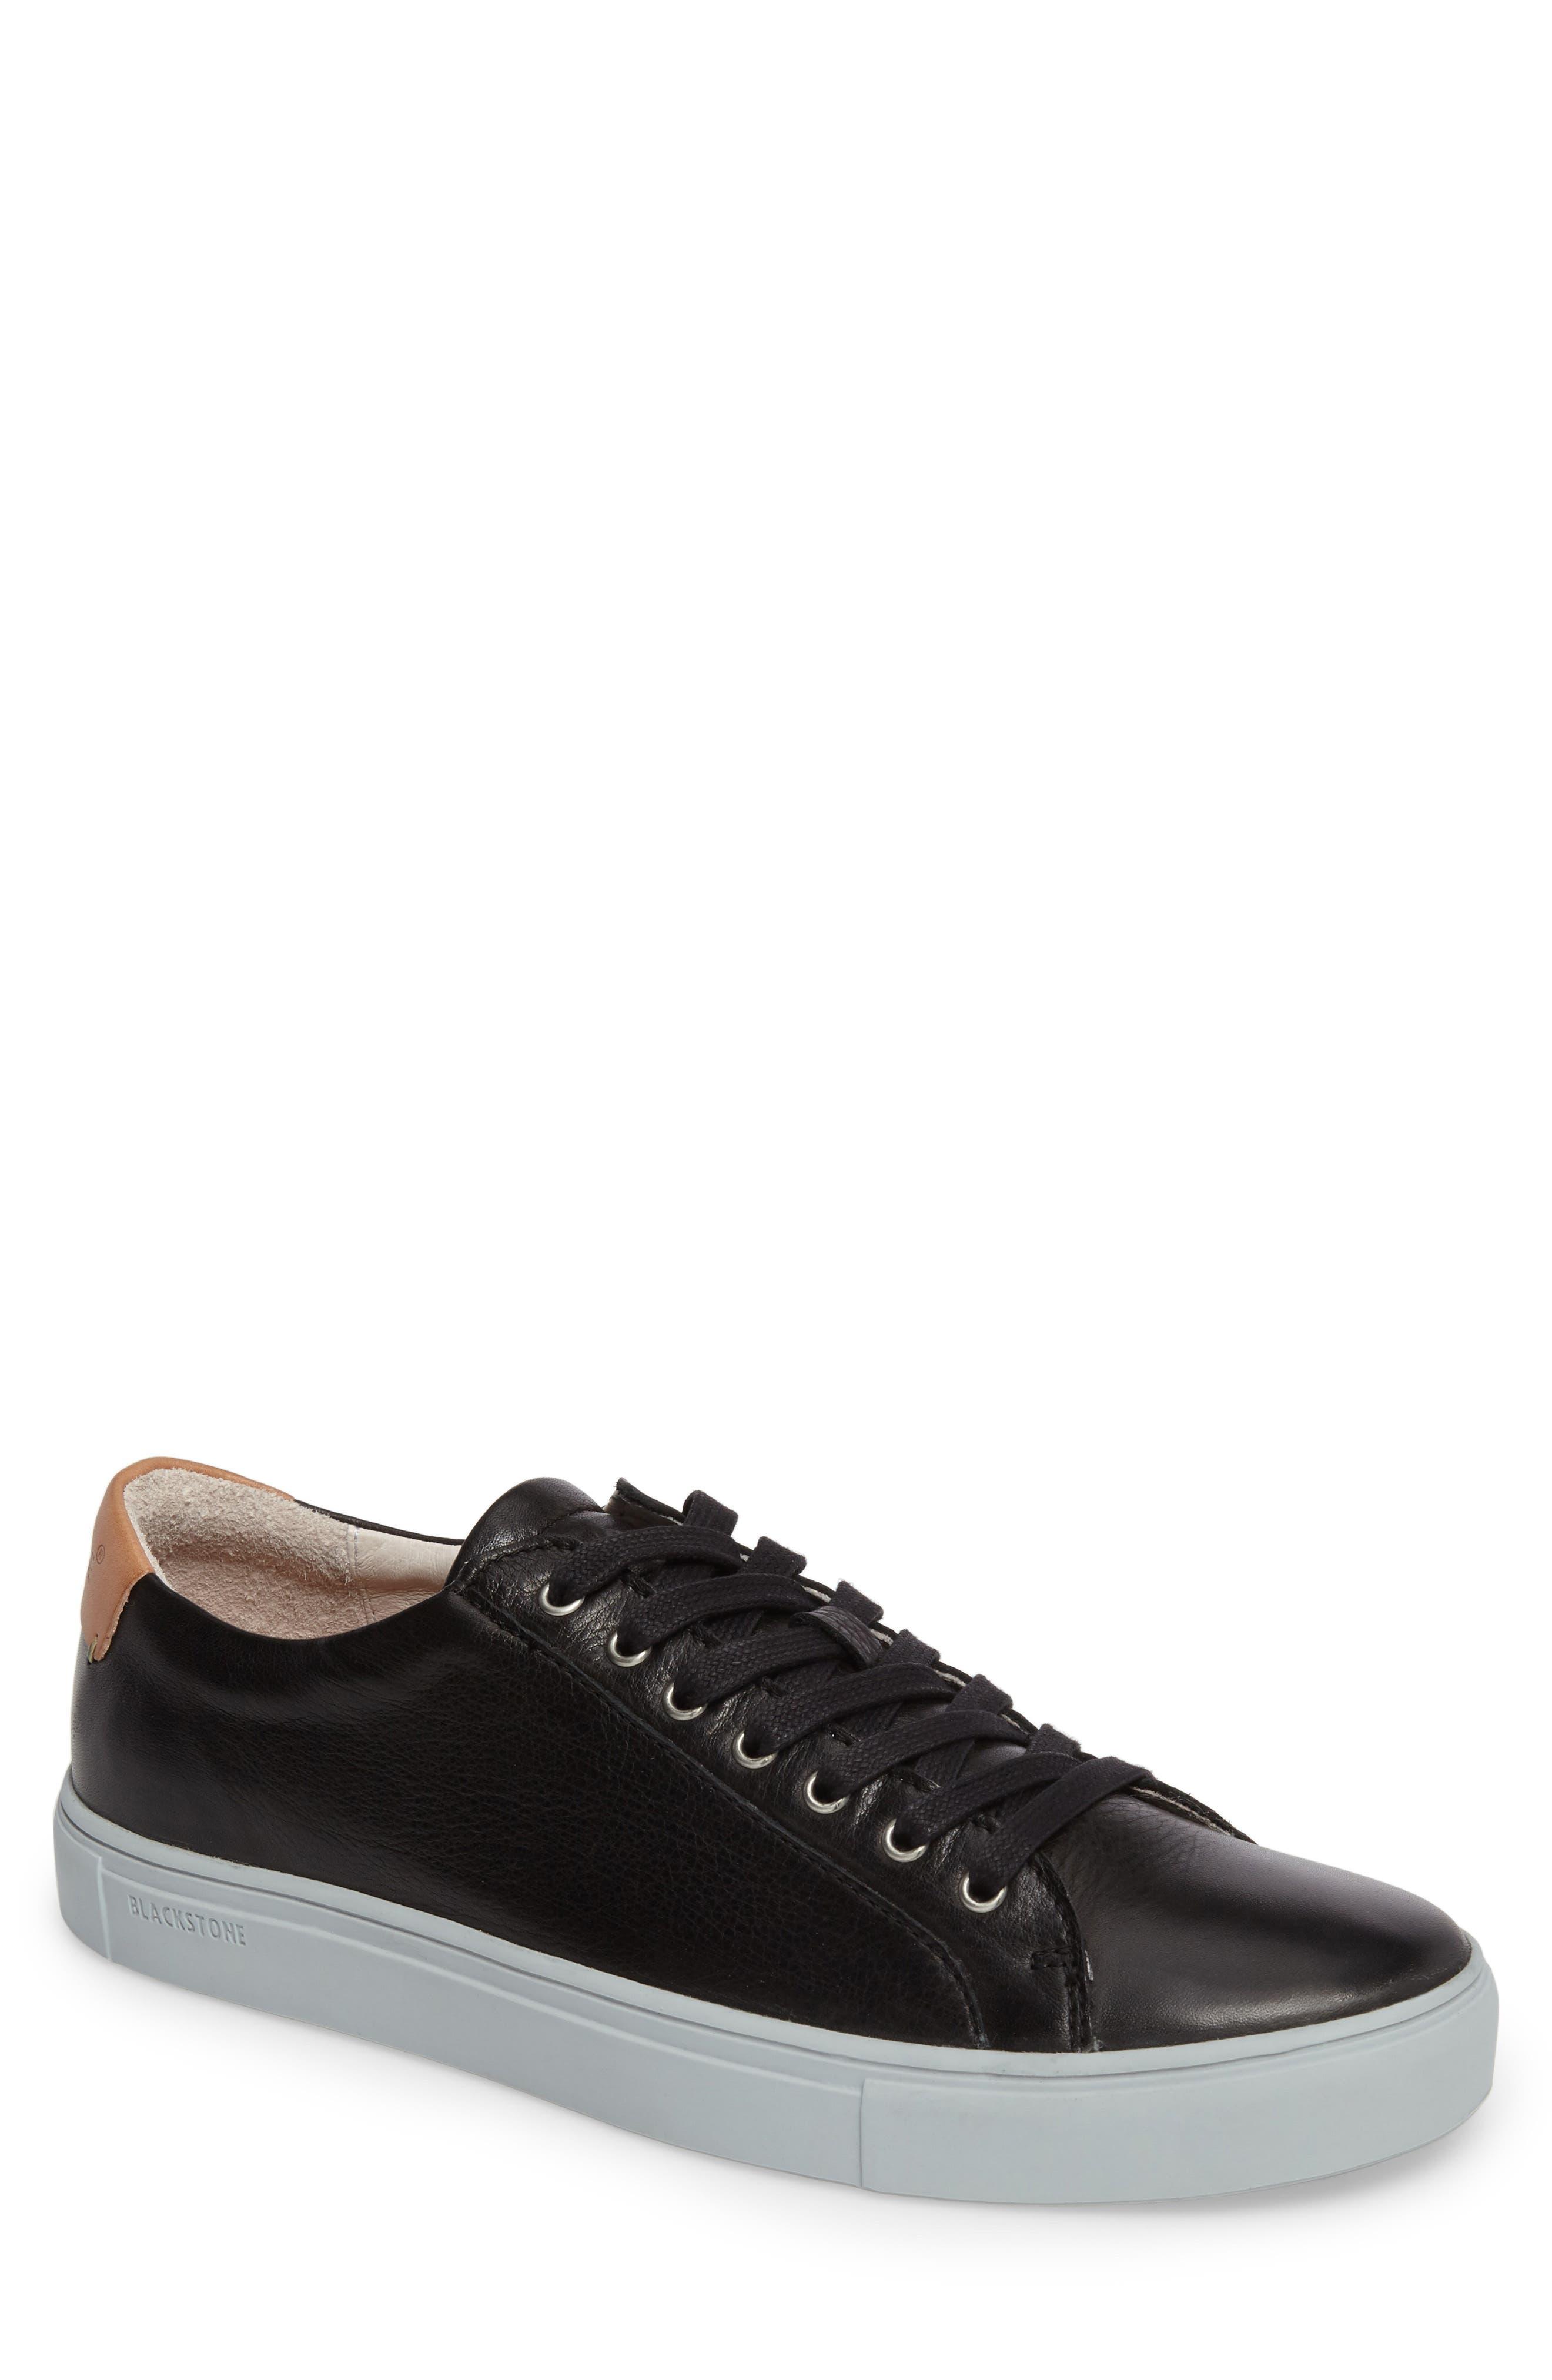 Nm01 7 Eyelet Sneaker